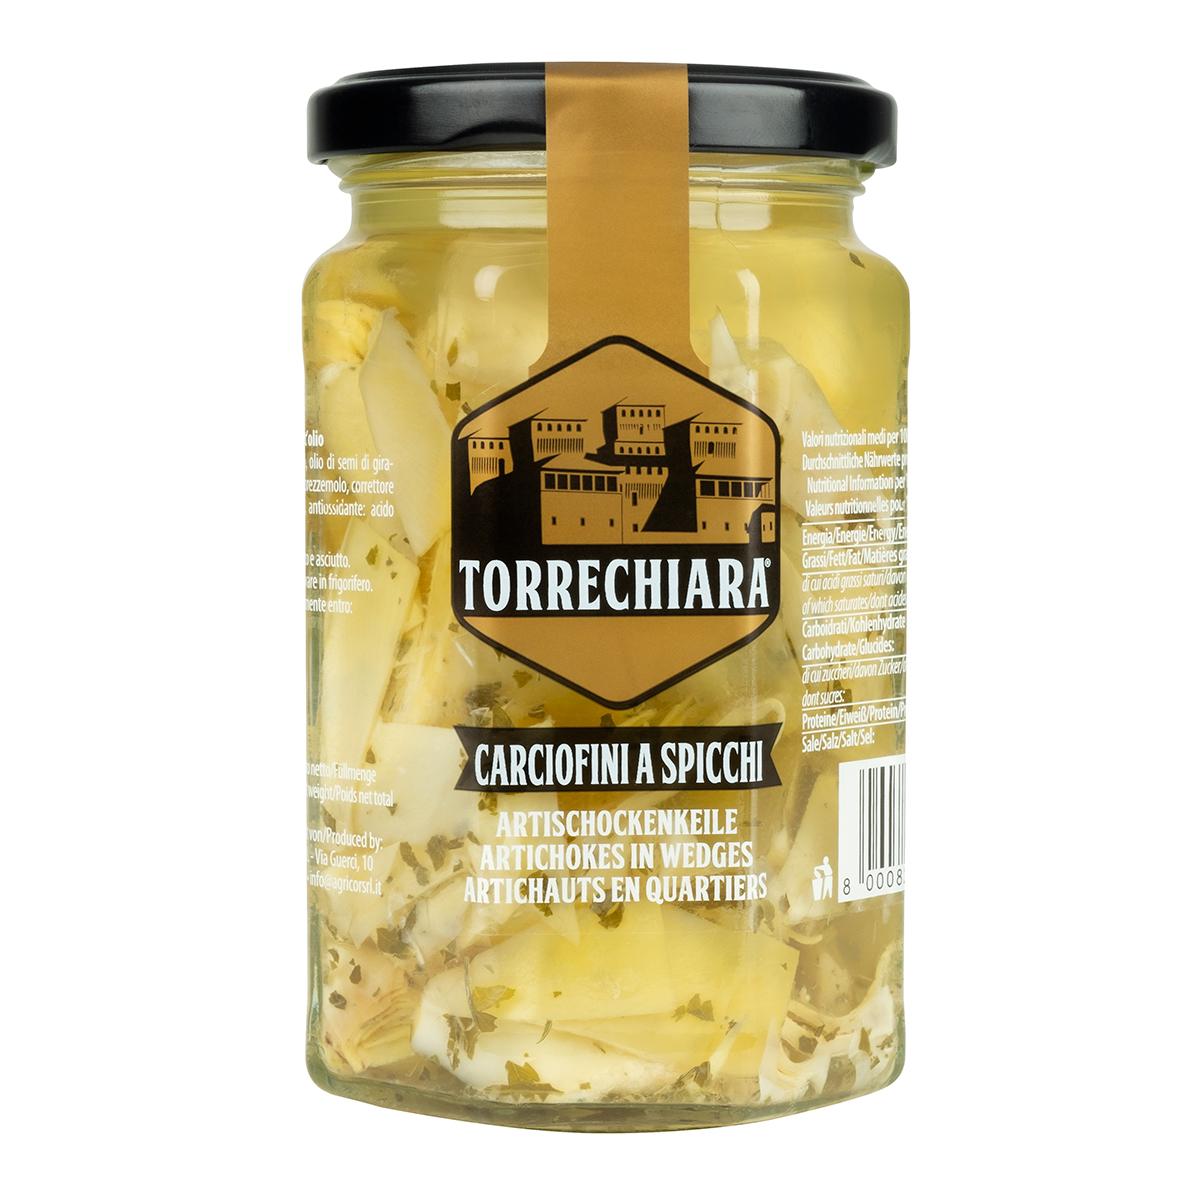 Torrechiara_Carciofini_Spicchi-314